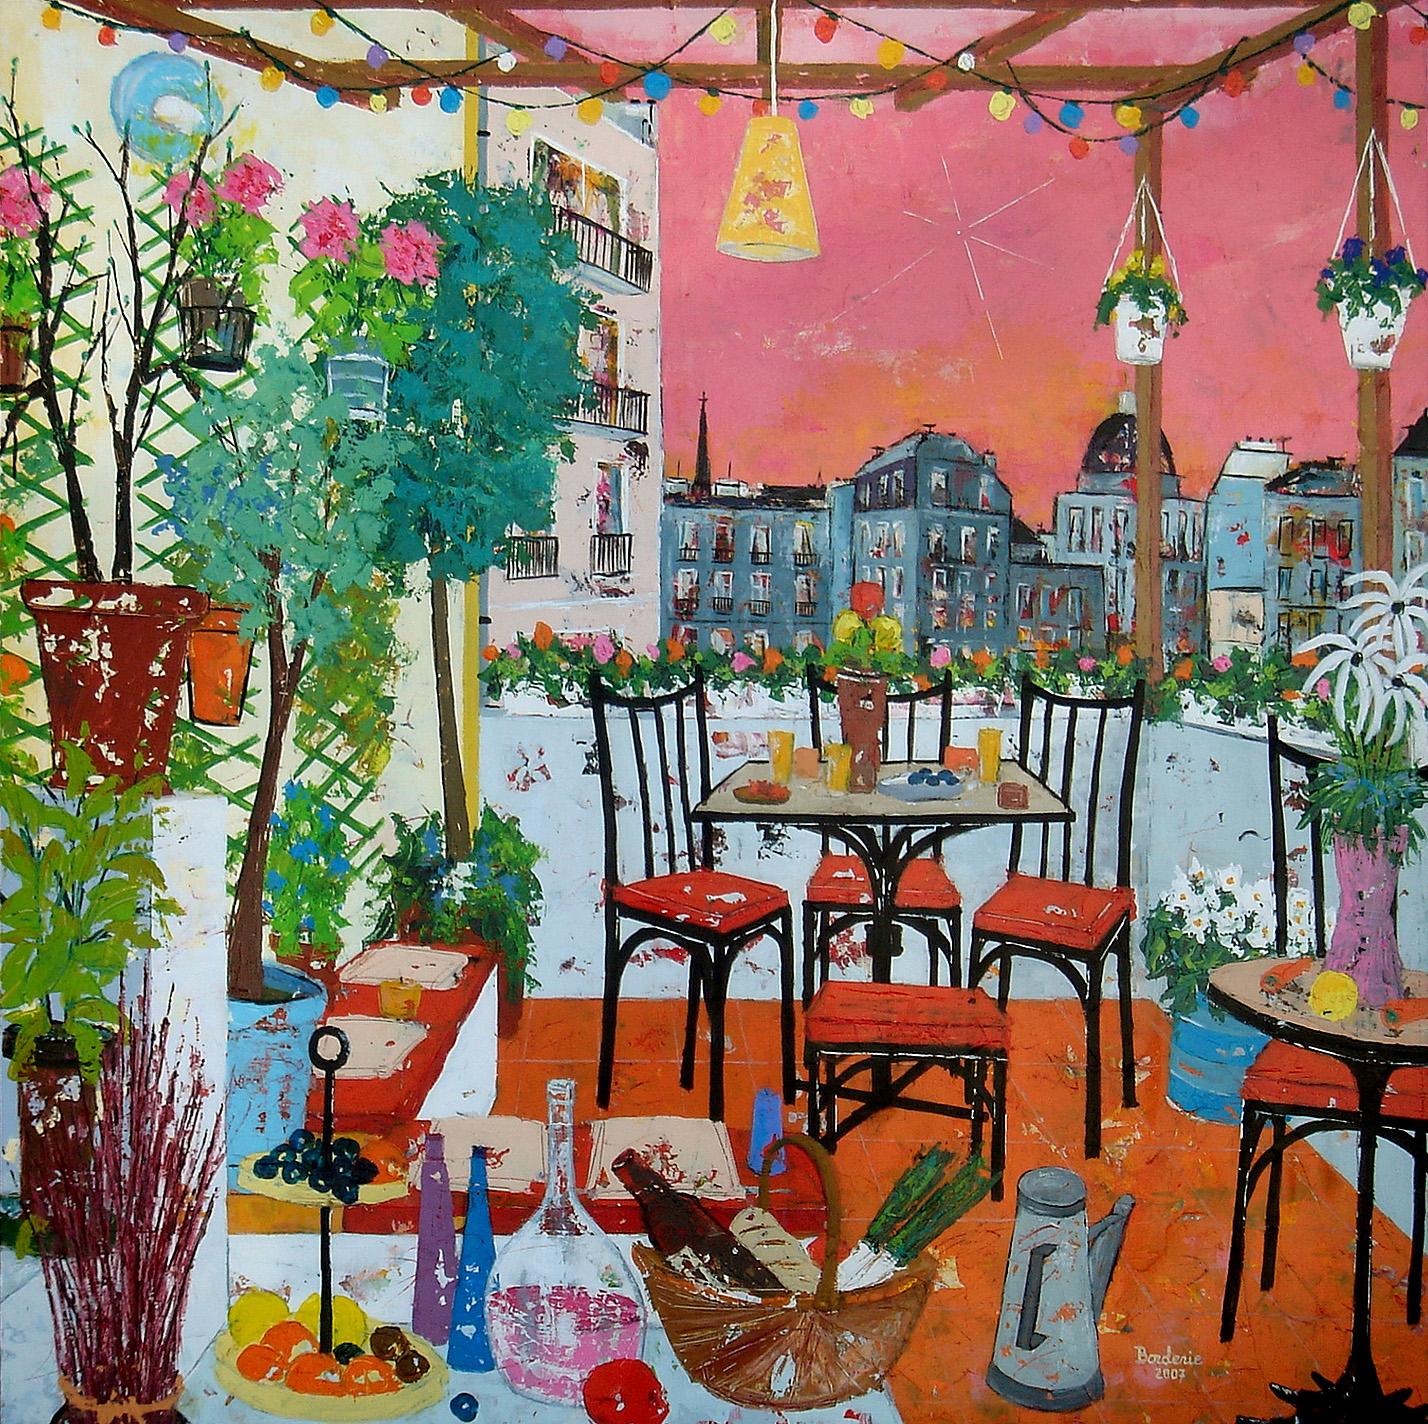 Une soirée d'été sur la terrasse